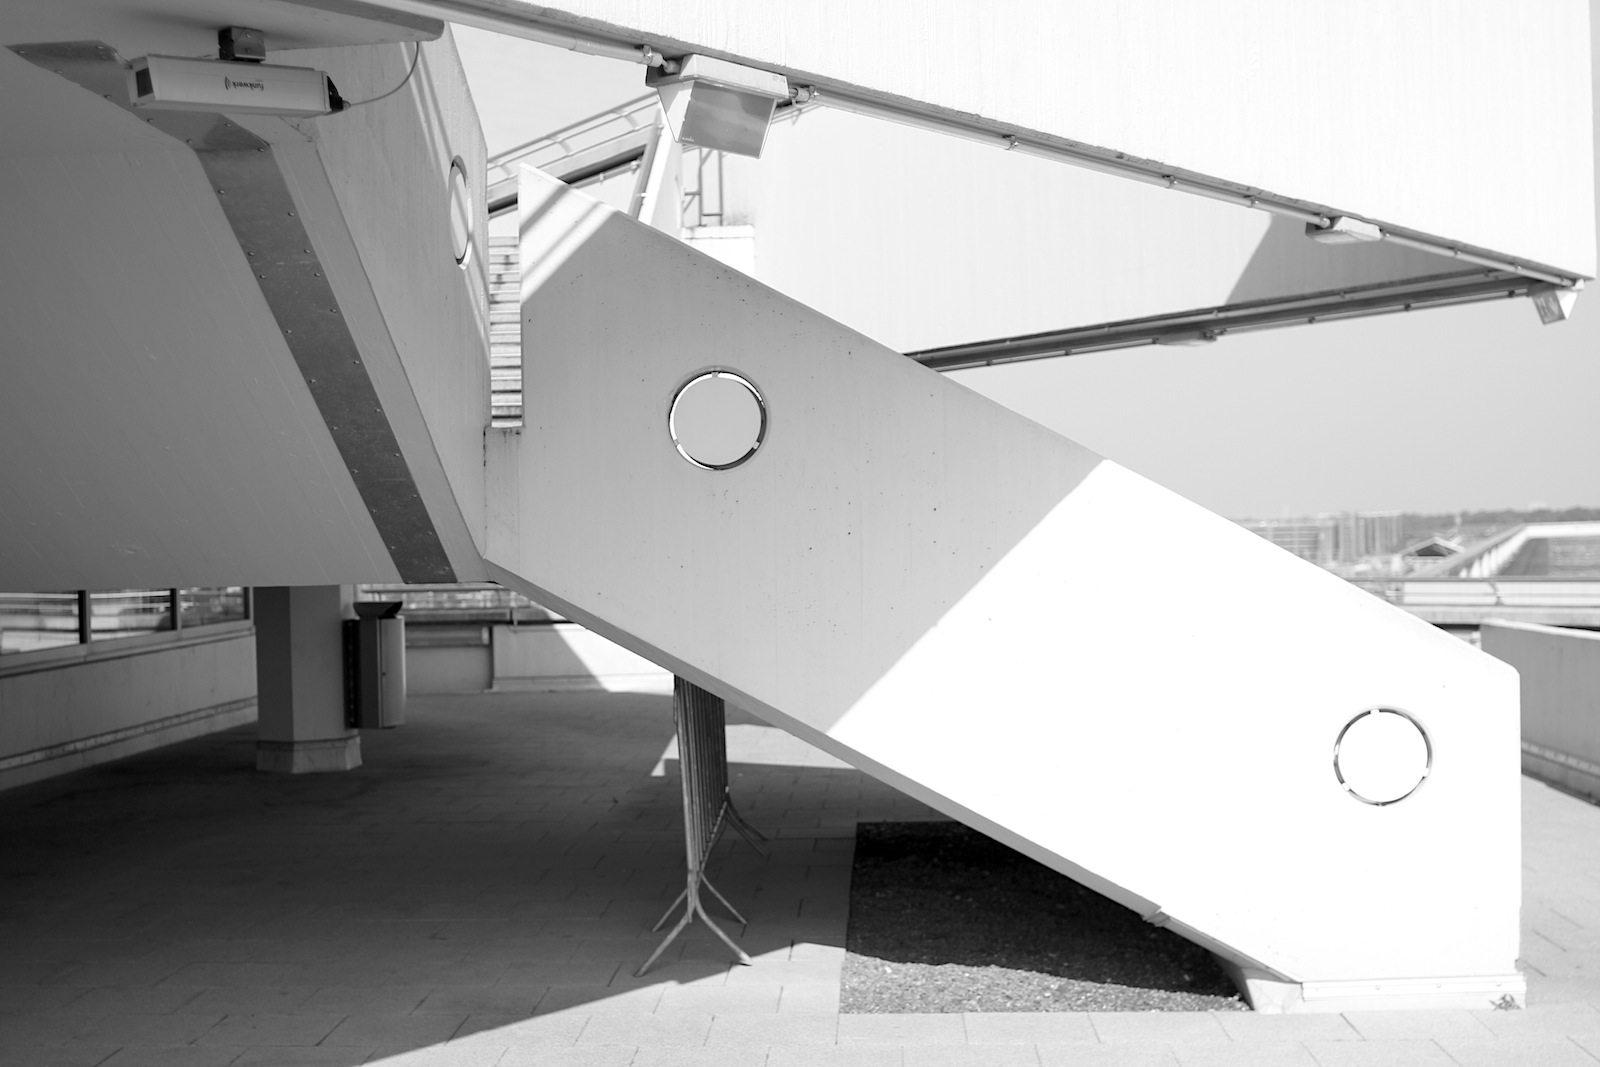 Flughafen Köln Bonn. Treppen im Gangway-Design